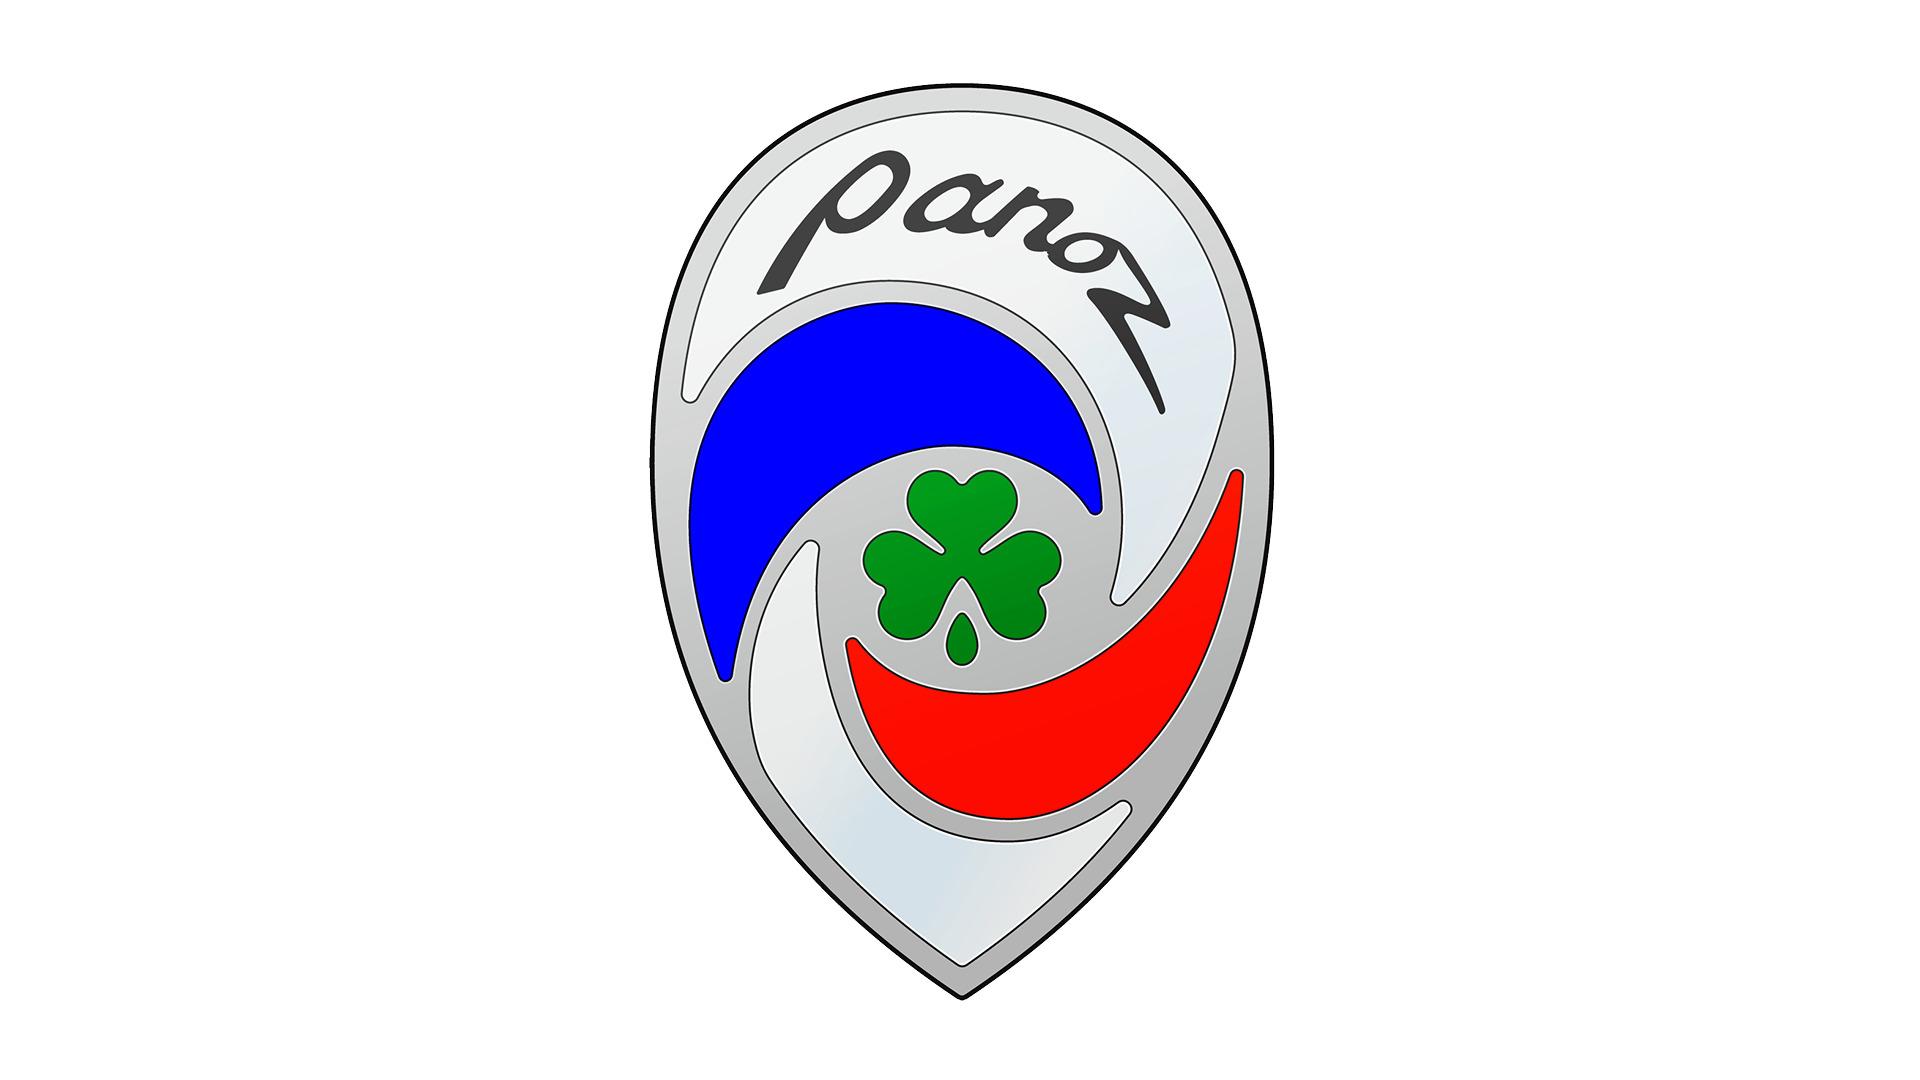 Imagen logo de Panoz